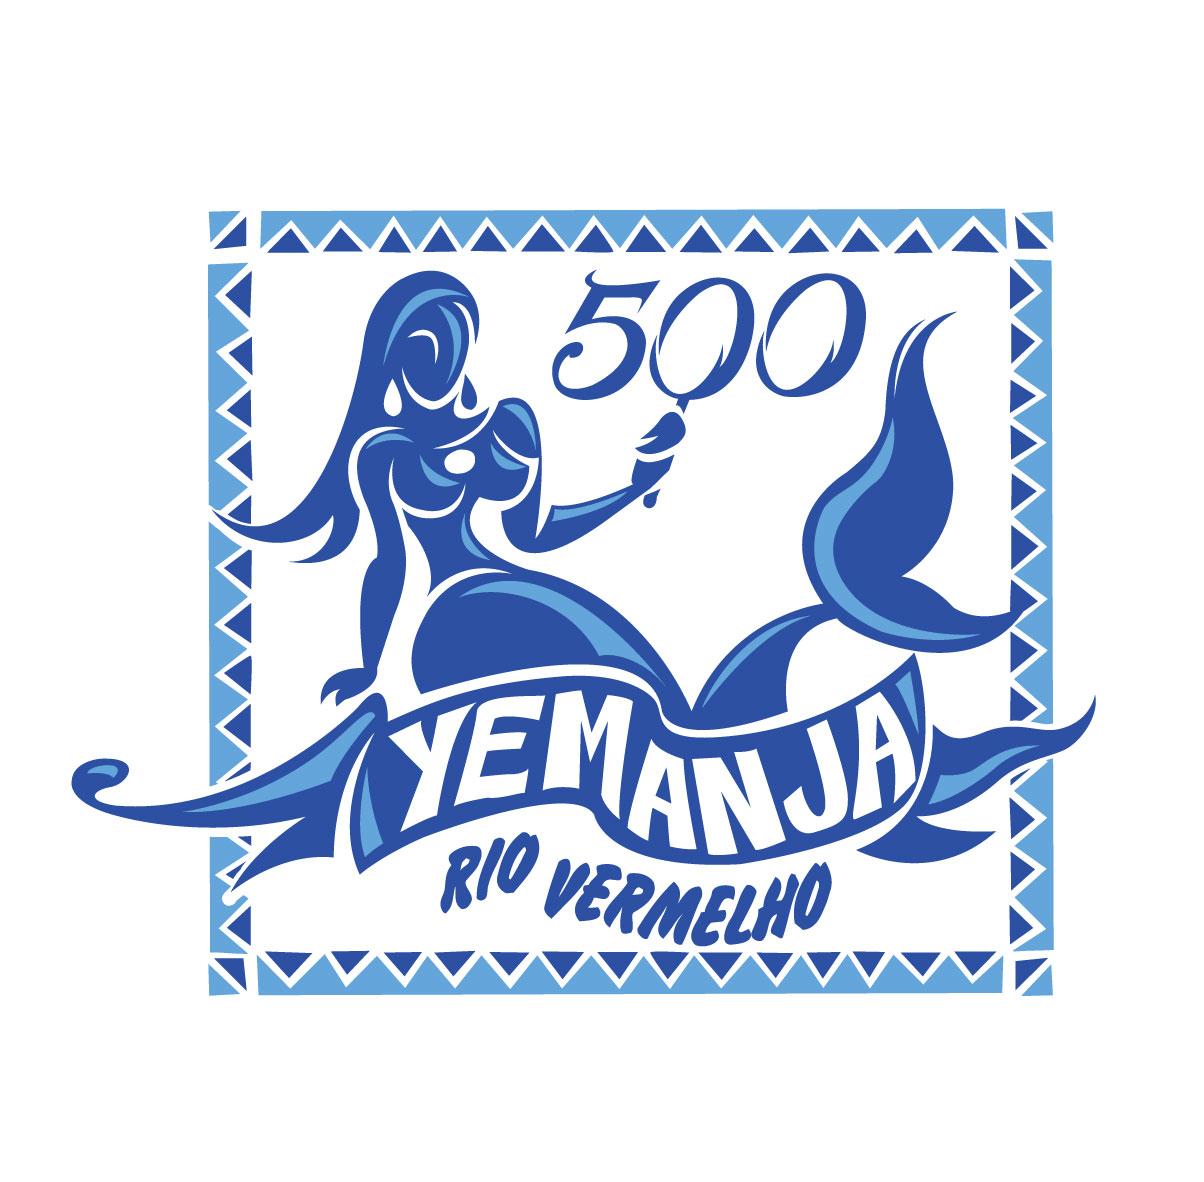 logo-yemanja.jpg